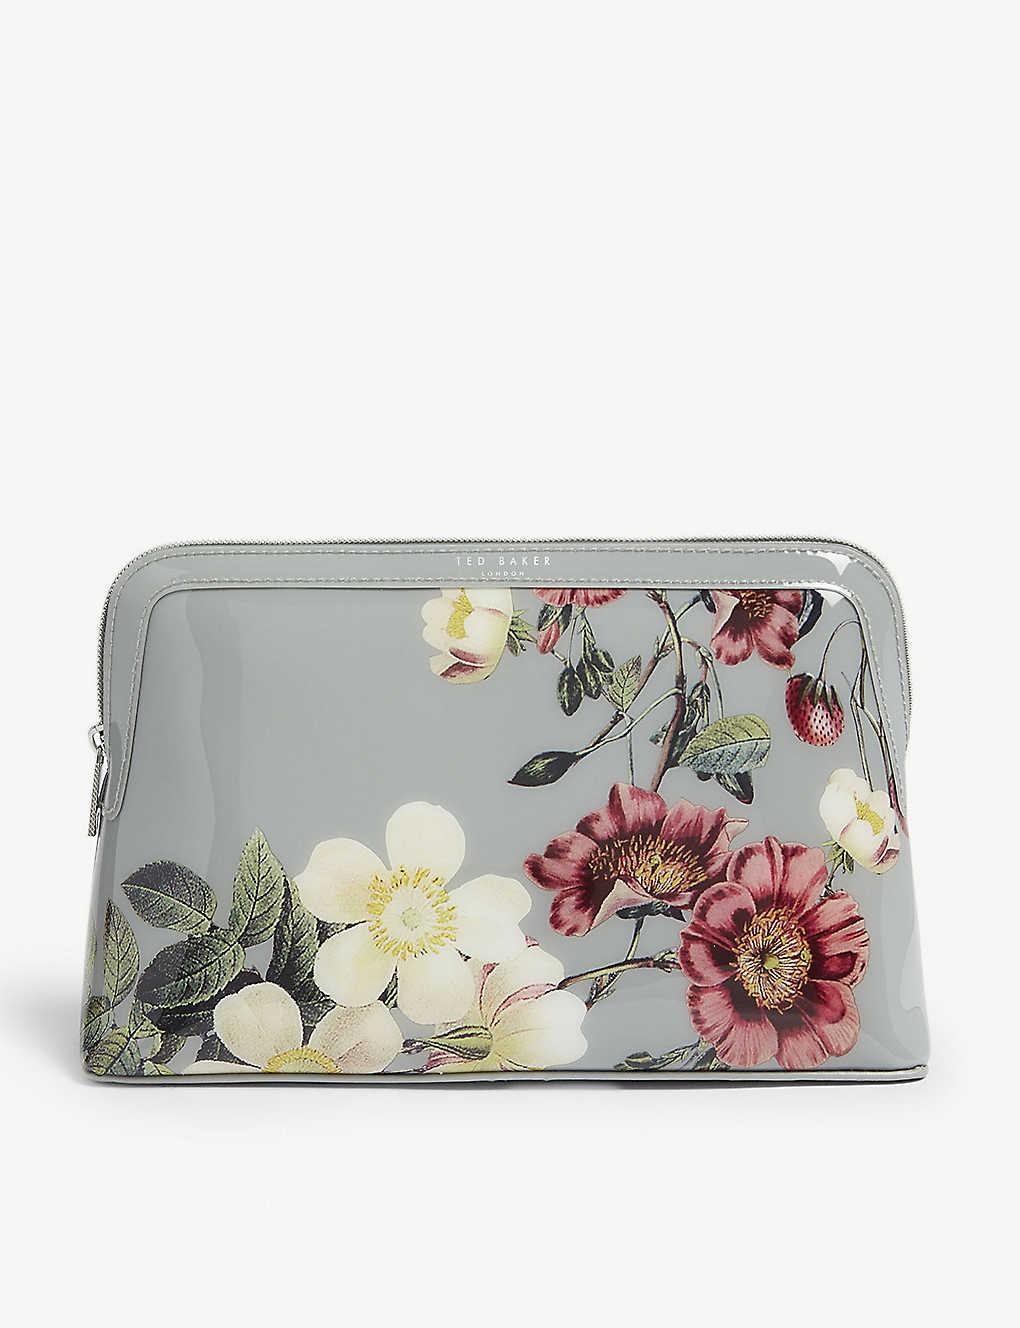 28063dcaa779 TED BAKER - Jodelle floral PVC wash bag | Selfridges.com